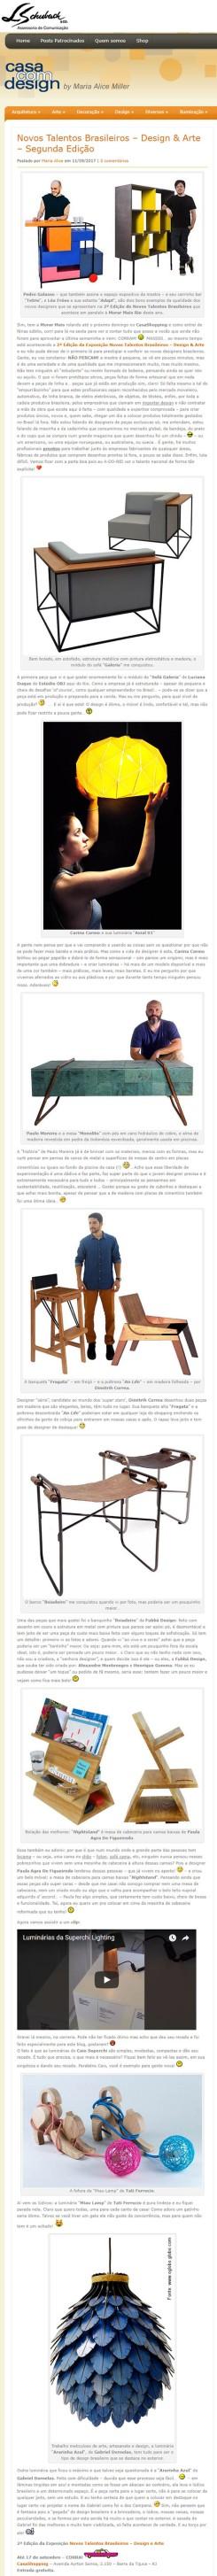 Exposição NOVOS TALENTOS BRASILEIROS no blog Casa com Design em 11 de setembro de 2017